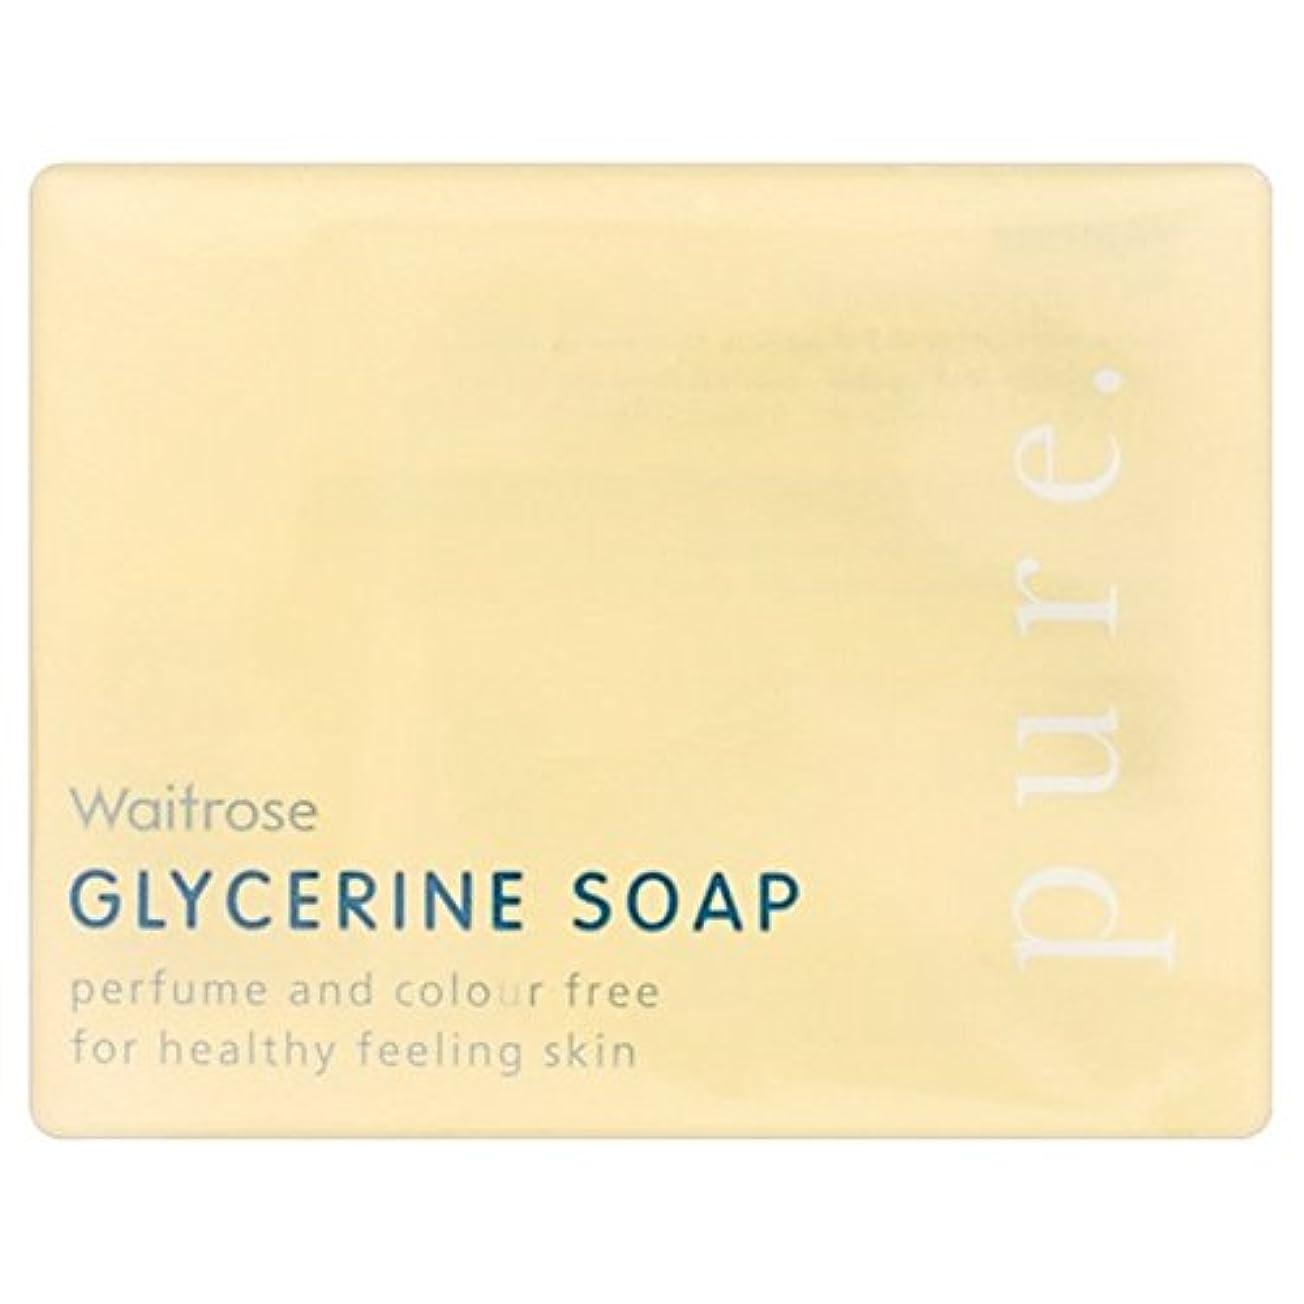 民間出口干渉純粋なグリセリンソープウェイトローズの100グラム x4 - Pure Glycerine Soap Waitrose 100g (Pack of 4) [並行輸入品]